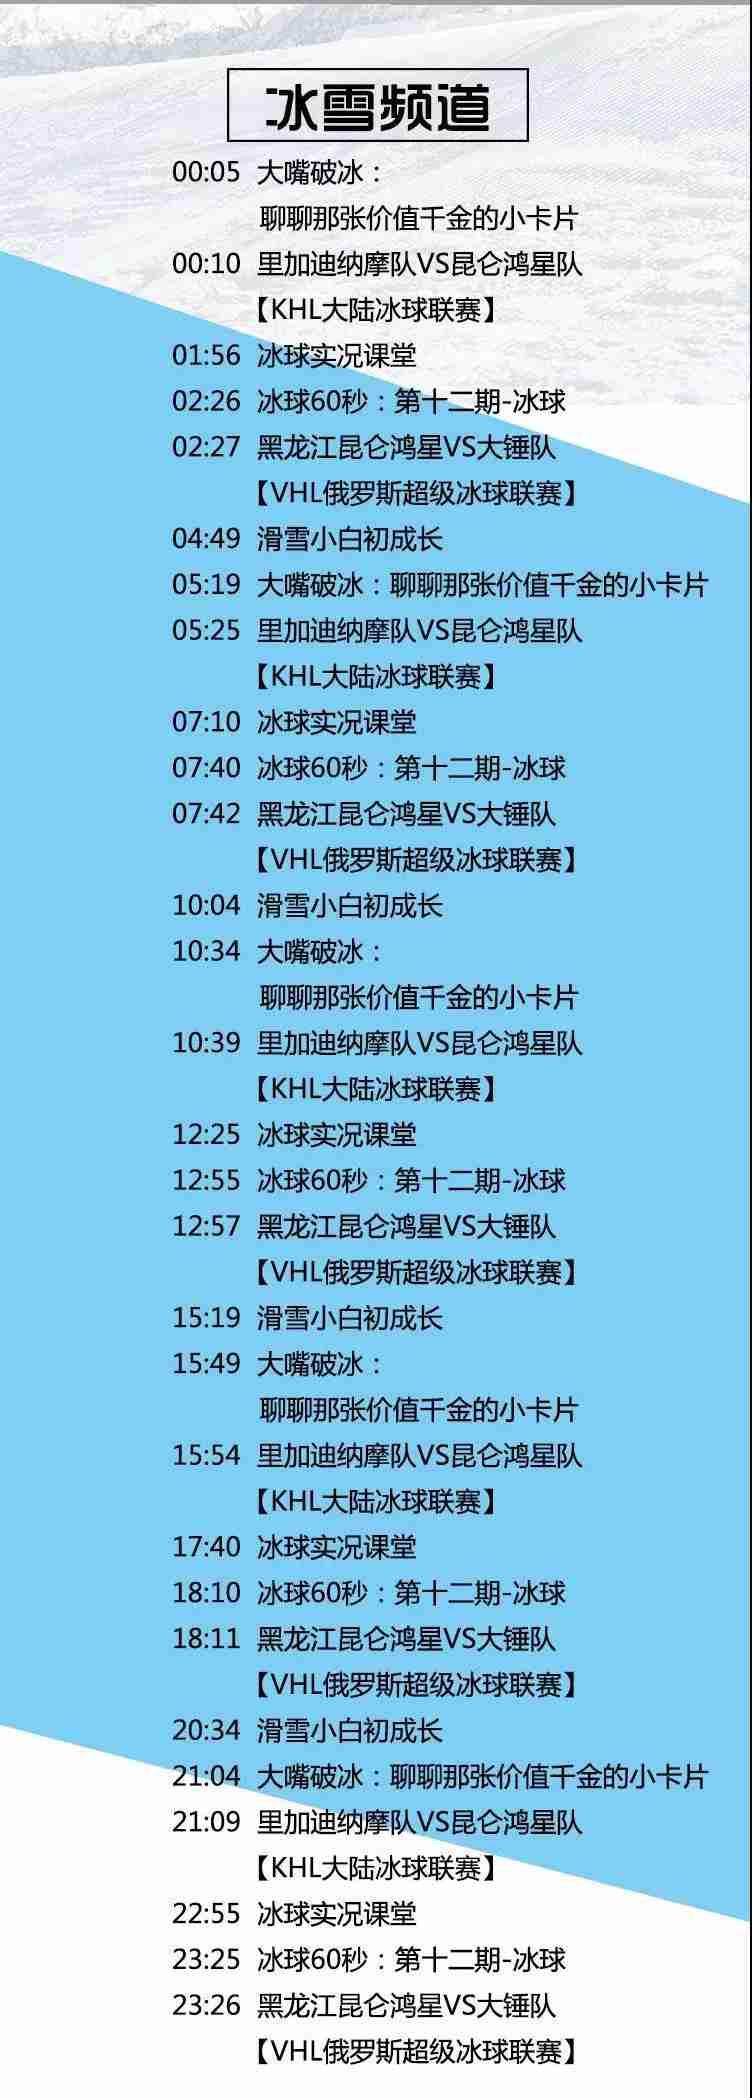 2020年1月18日体育电视节目单